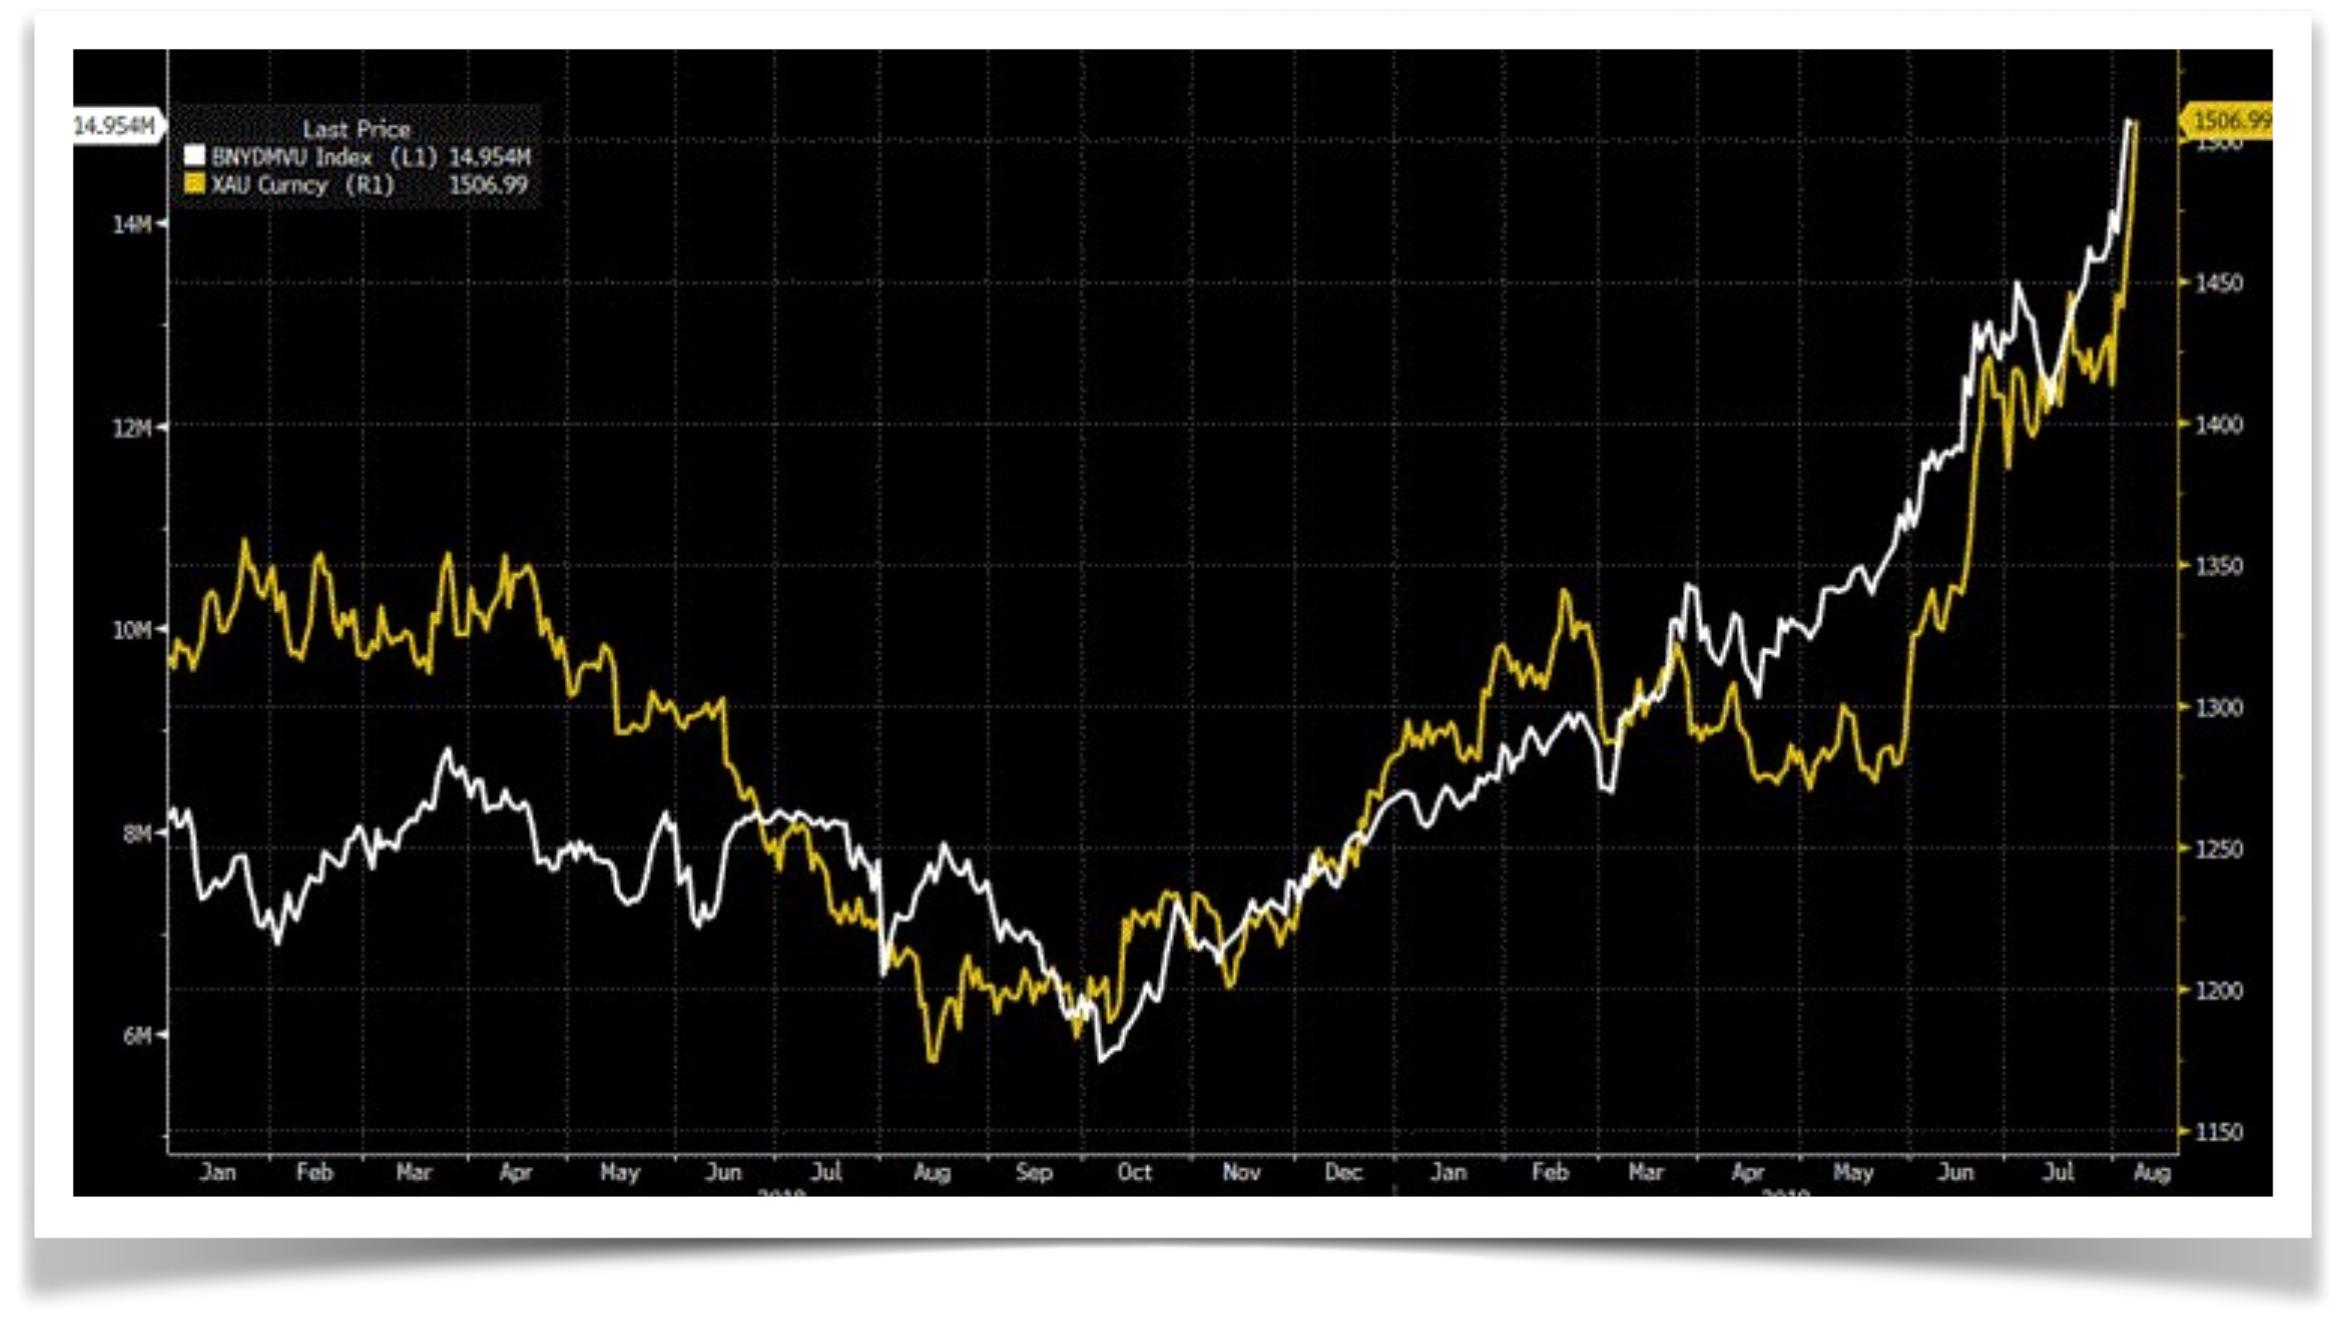 L'or est porté par les obligations à taux négatif